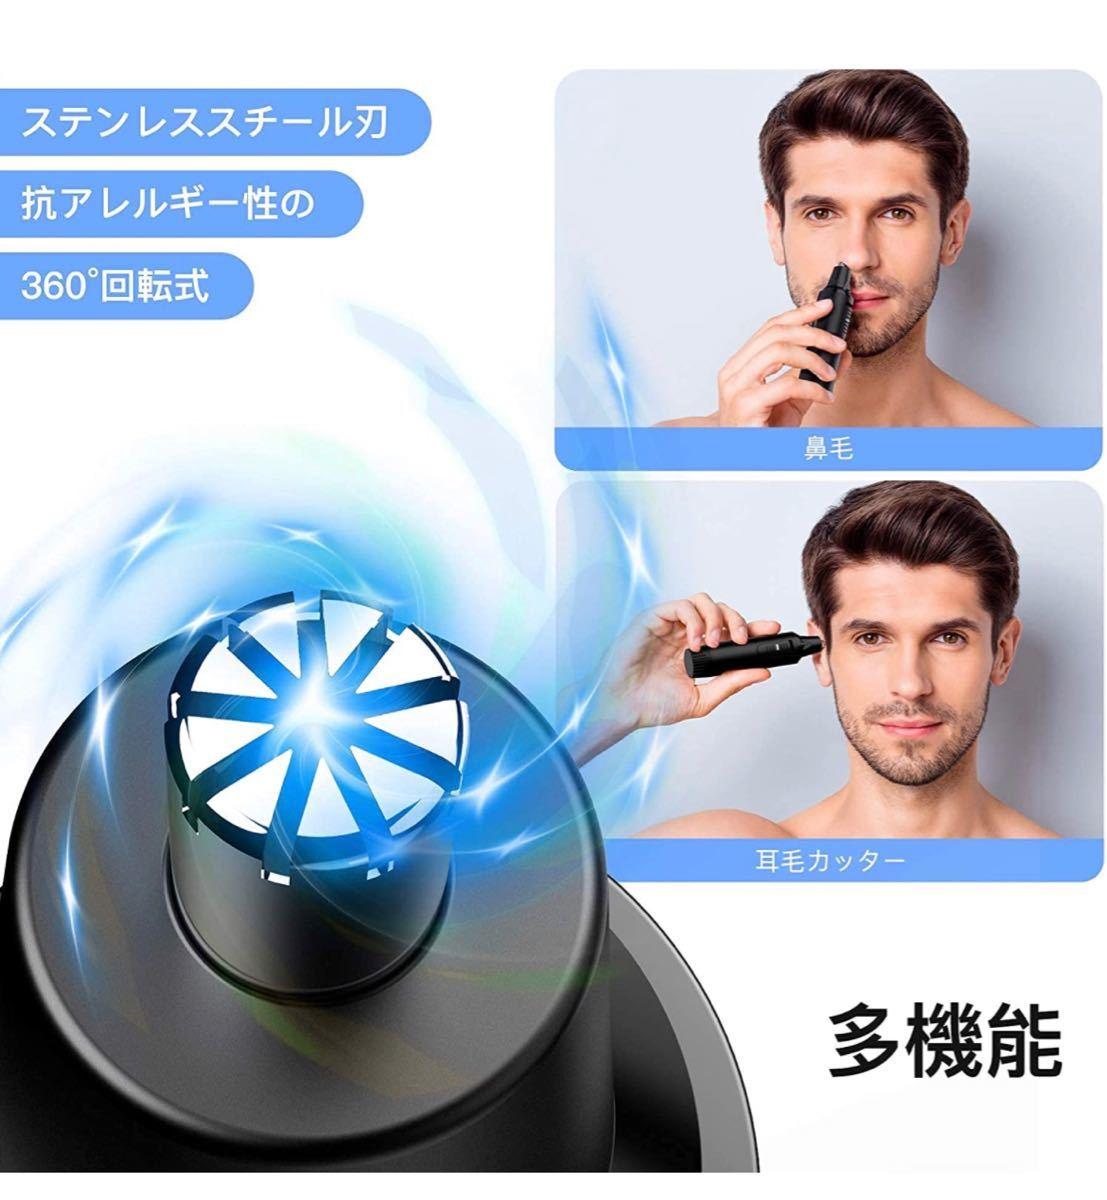 鼻毛カッター 鼻毛シェーバー 電動式カッター 多機能 1台3役